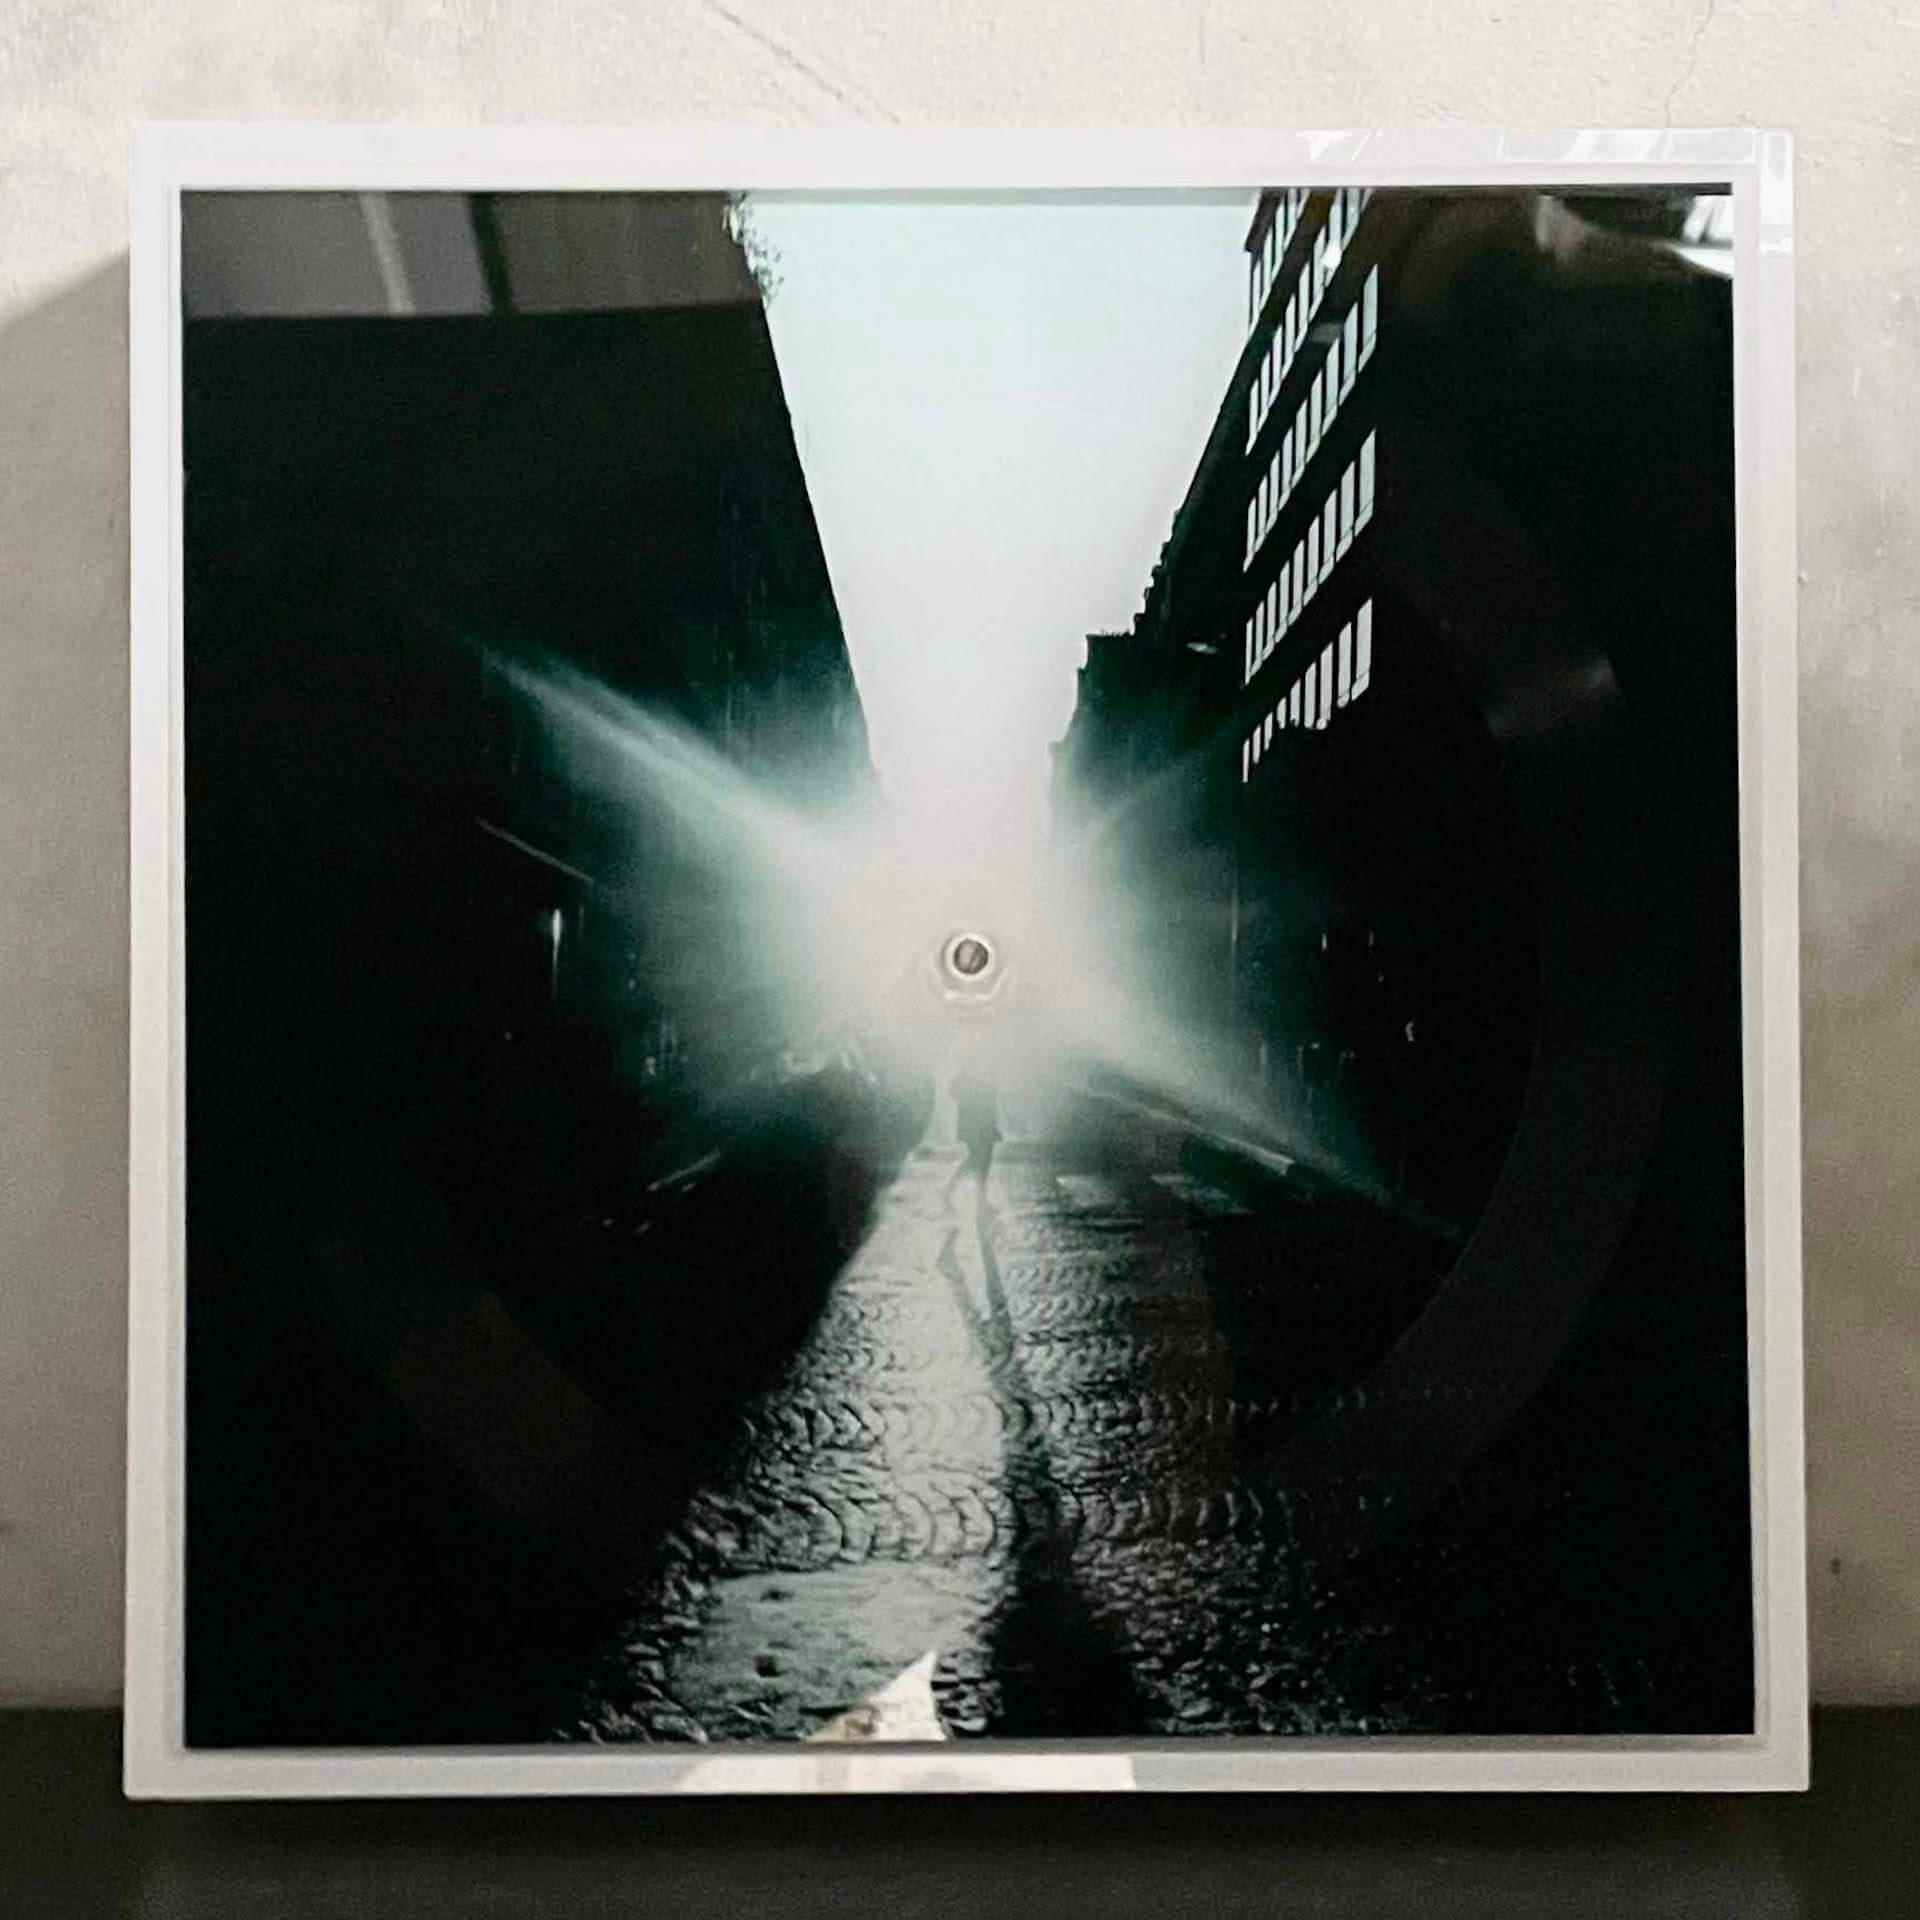 黒瀧節也による音楽と写真を組み合わせたアートヴァイナルやNFT作品のエキシビジョン<ALTER EGO>が原宿 THE PLUGにて開催! art210604_alterego_12